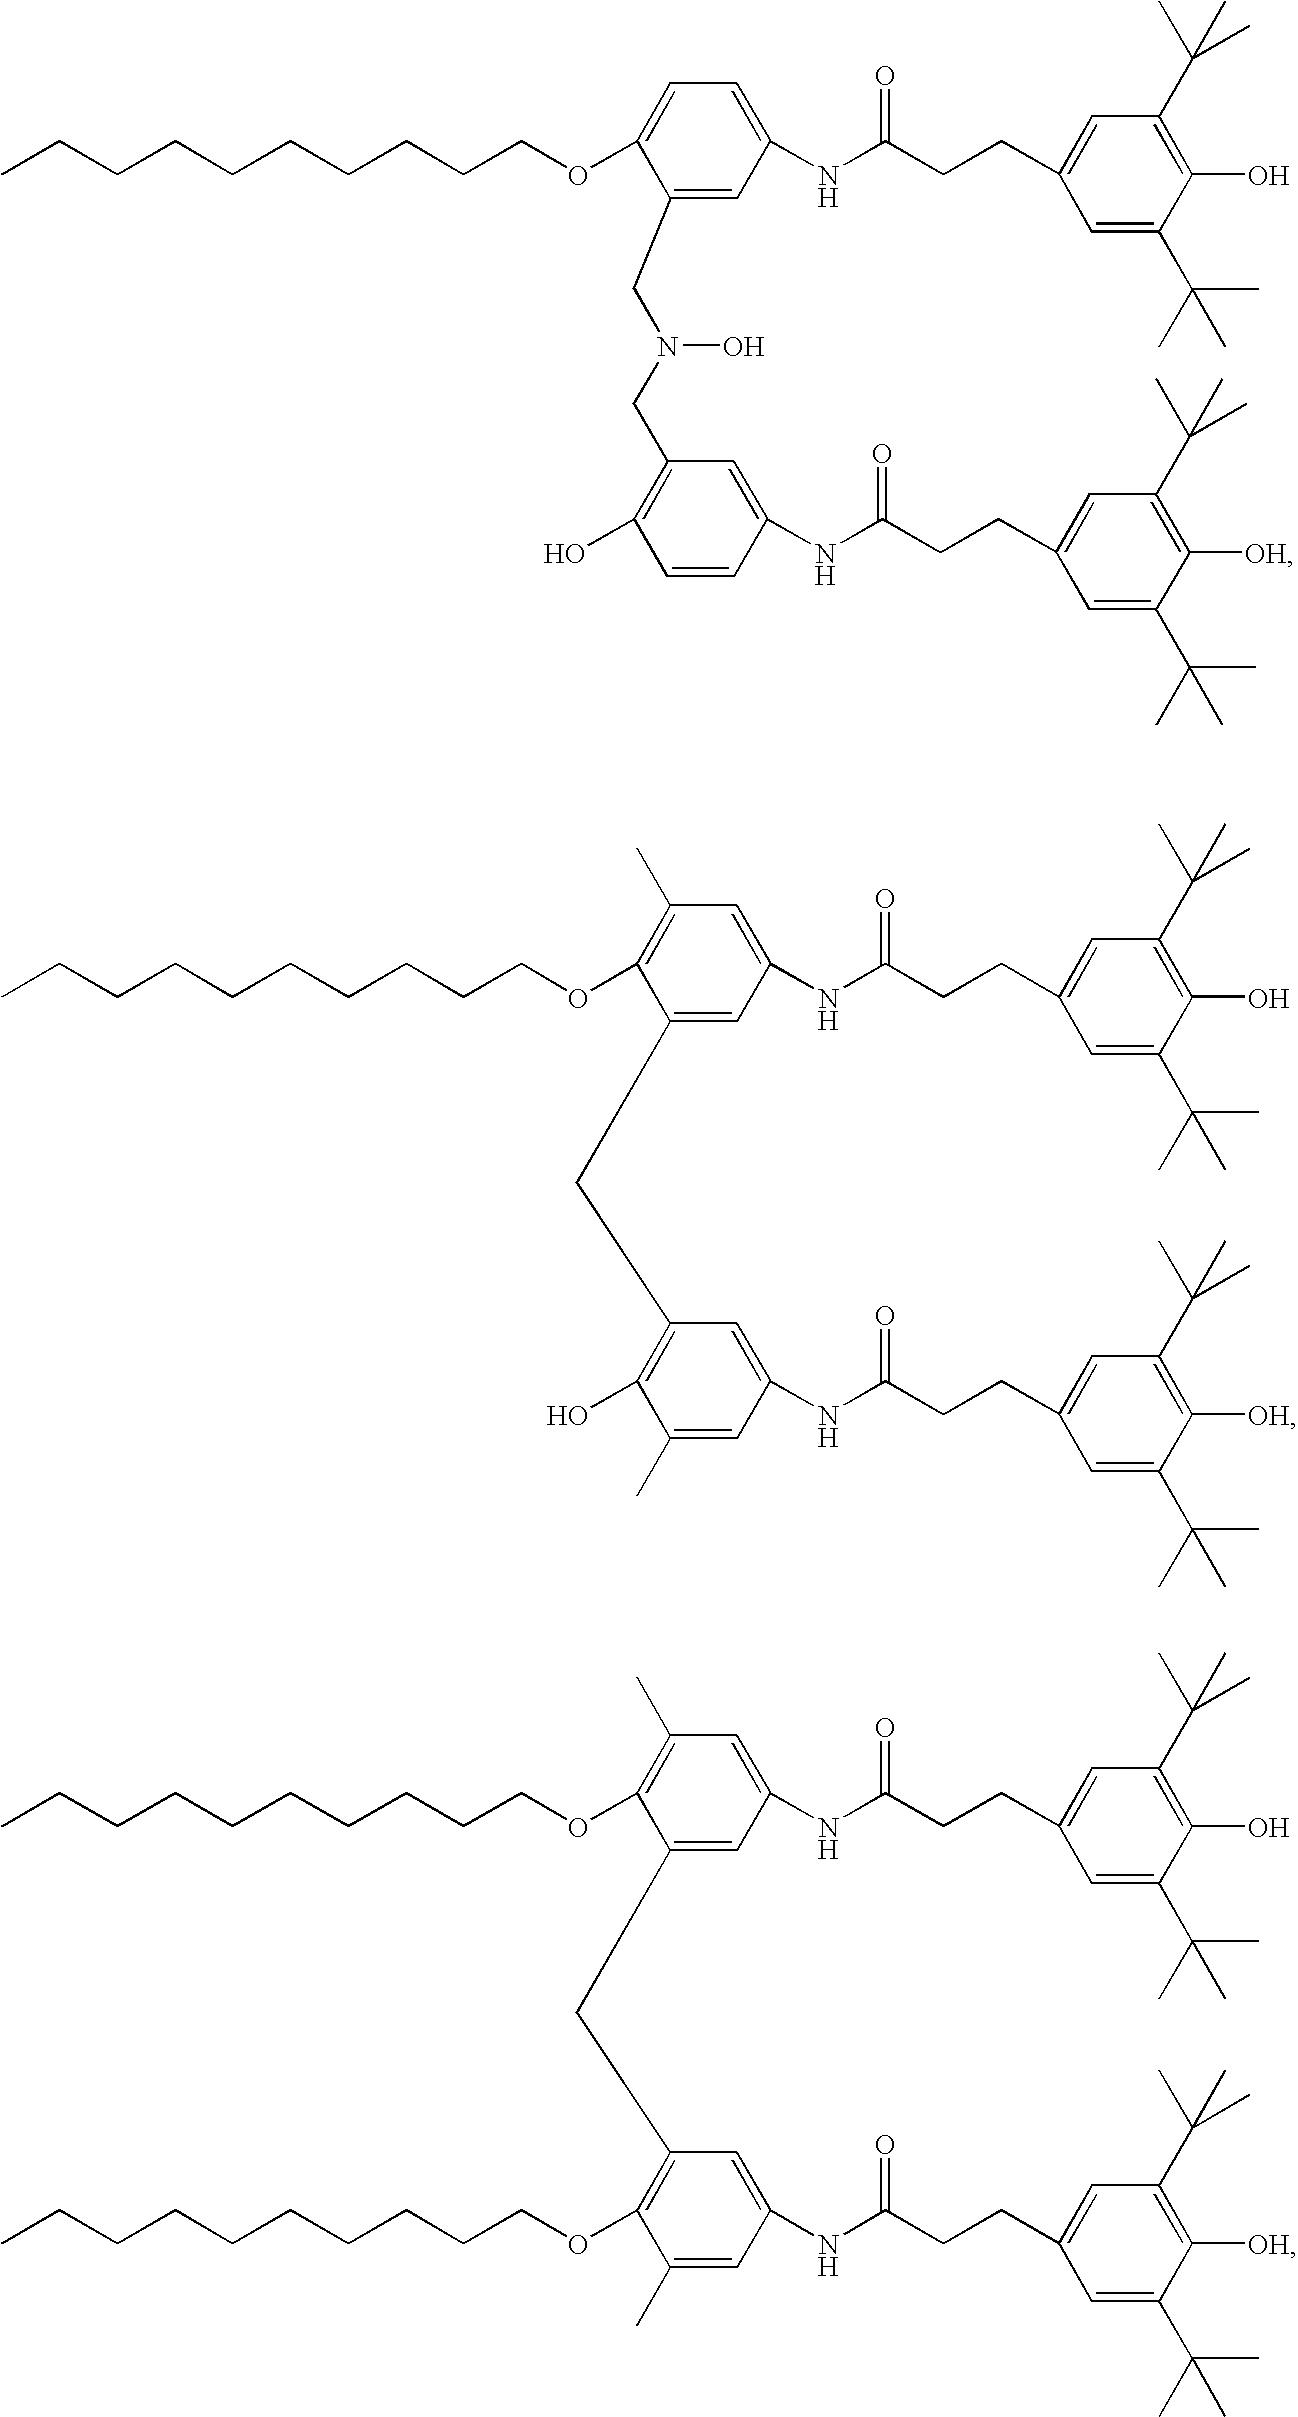 Figure US20060233741A1-20061019-C00152